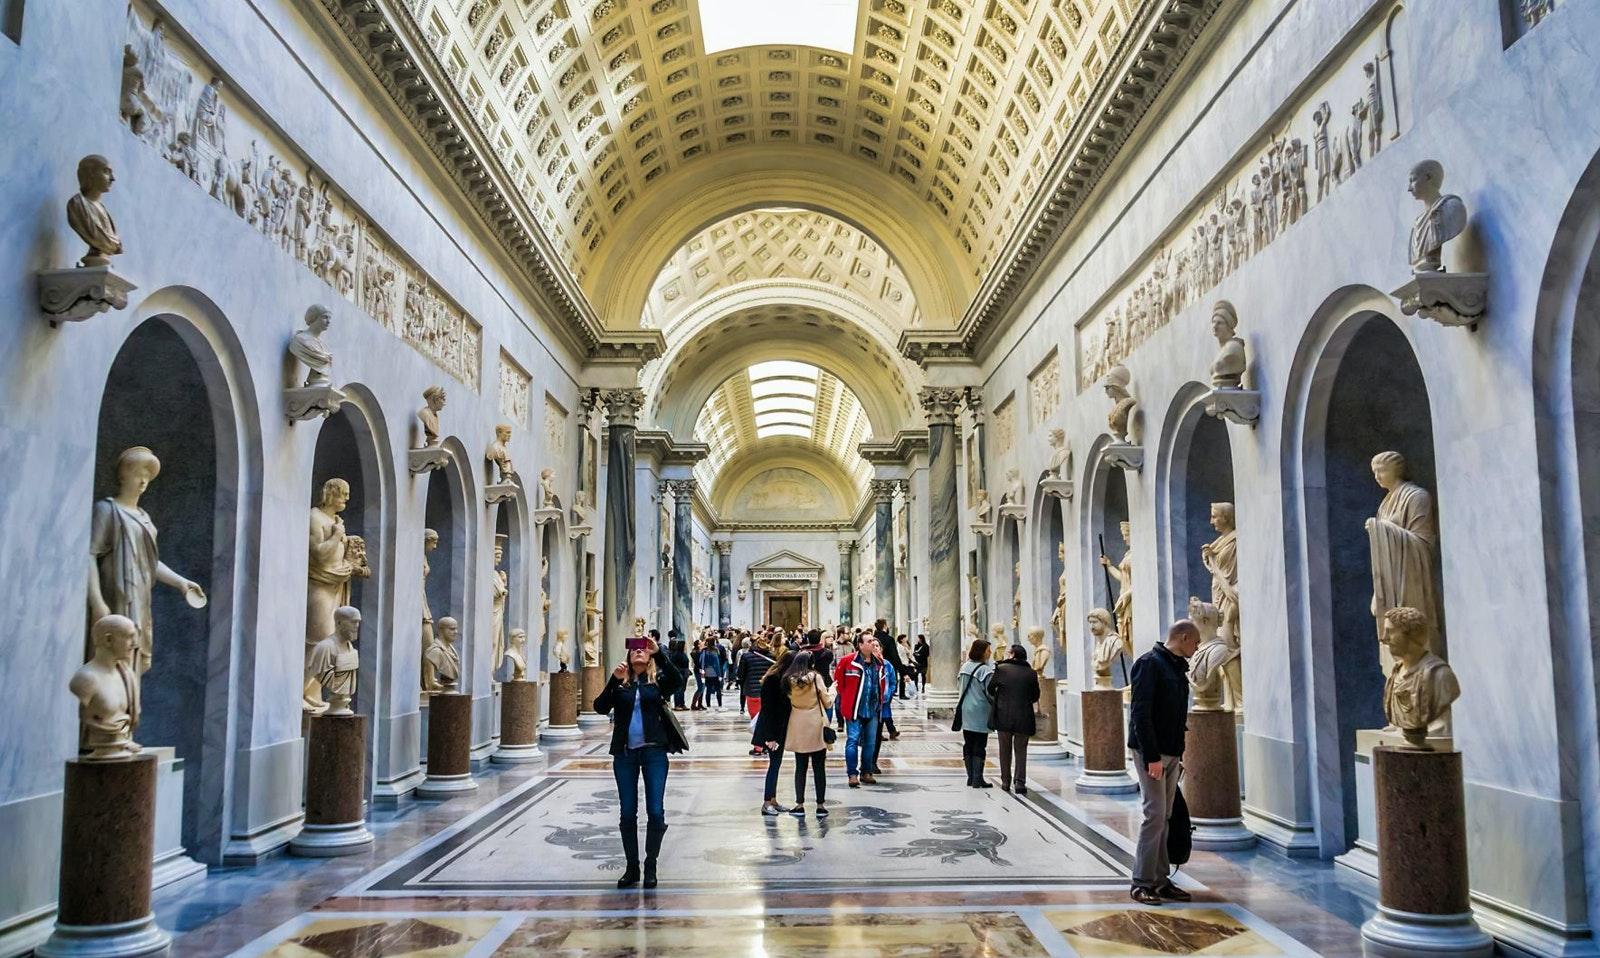 St Peters Basilica Advantages